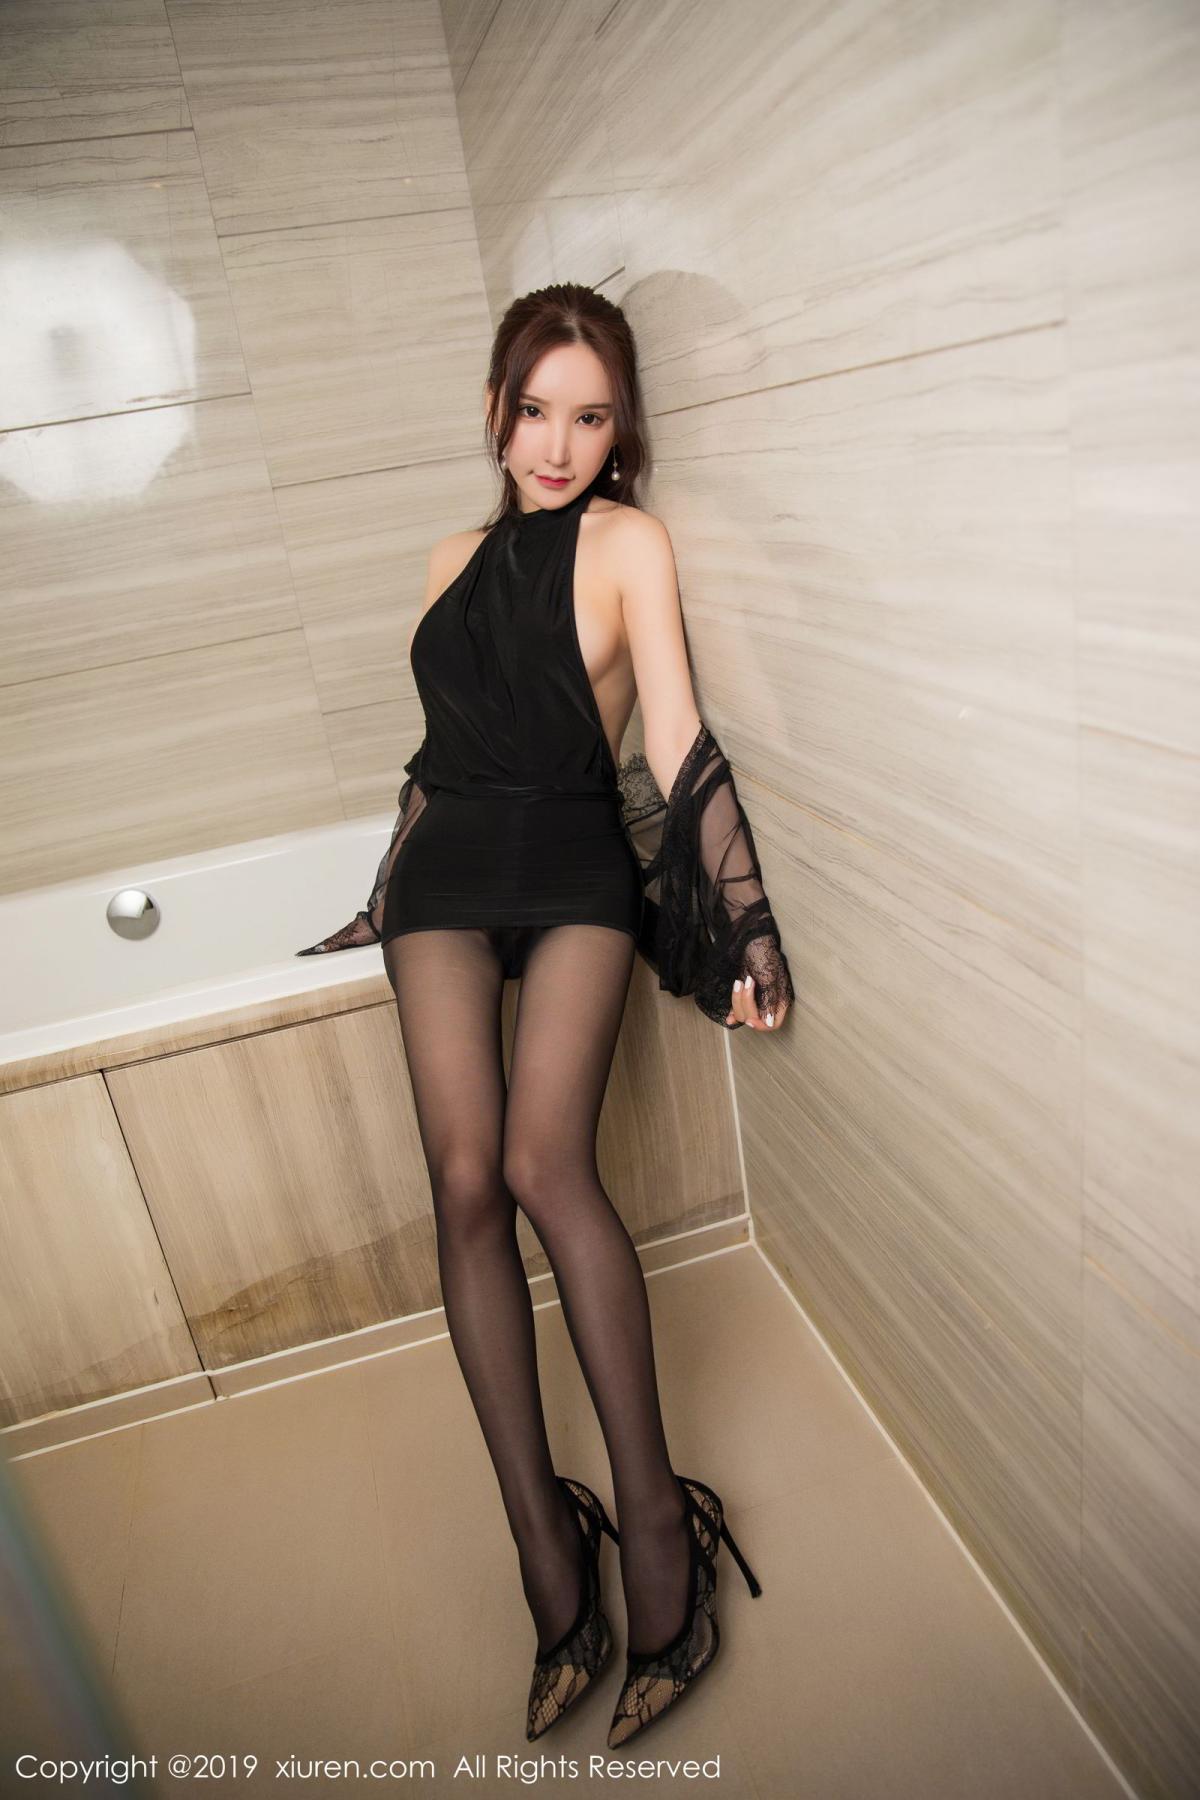 [XiuRen] Vol.1556 Zhou Yu Xi 17P, Bathroom, Black Silk, Tall, Underwear, Xiuren, Zhou Yu Xi